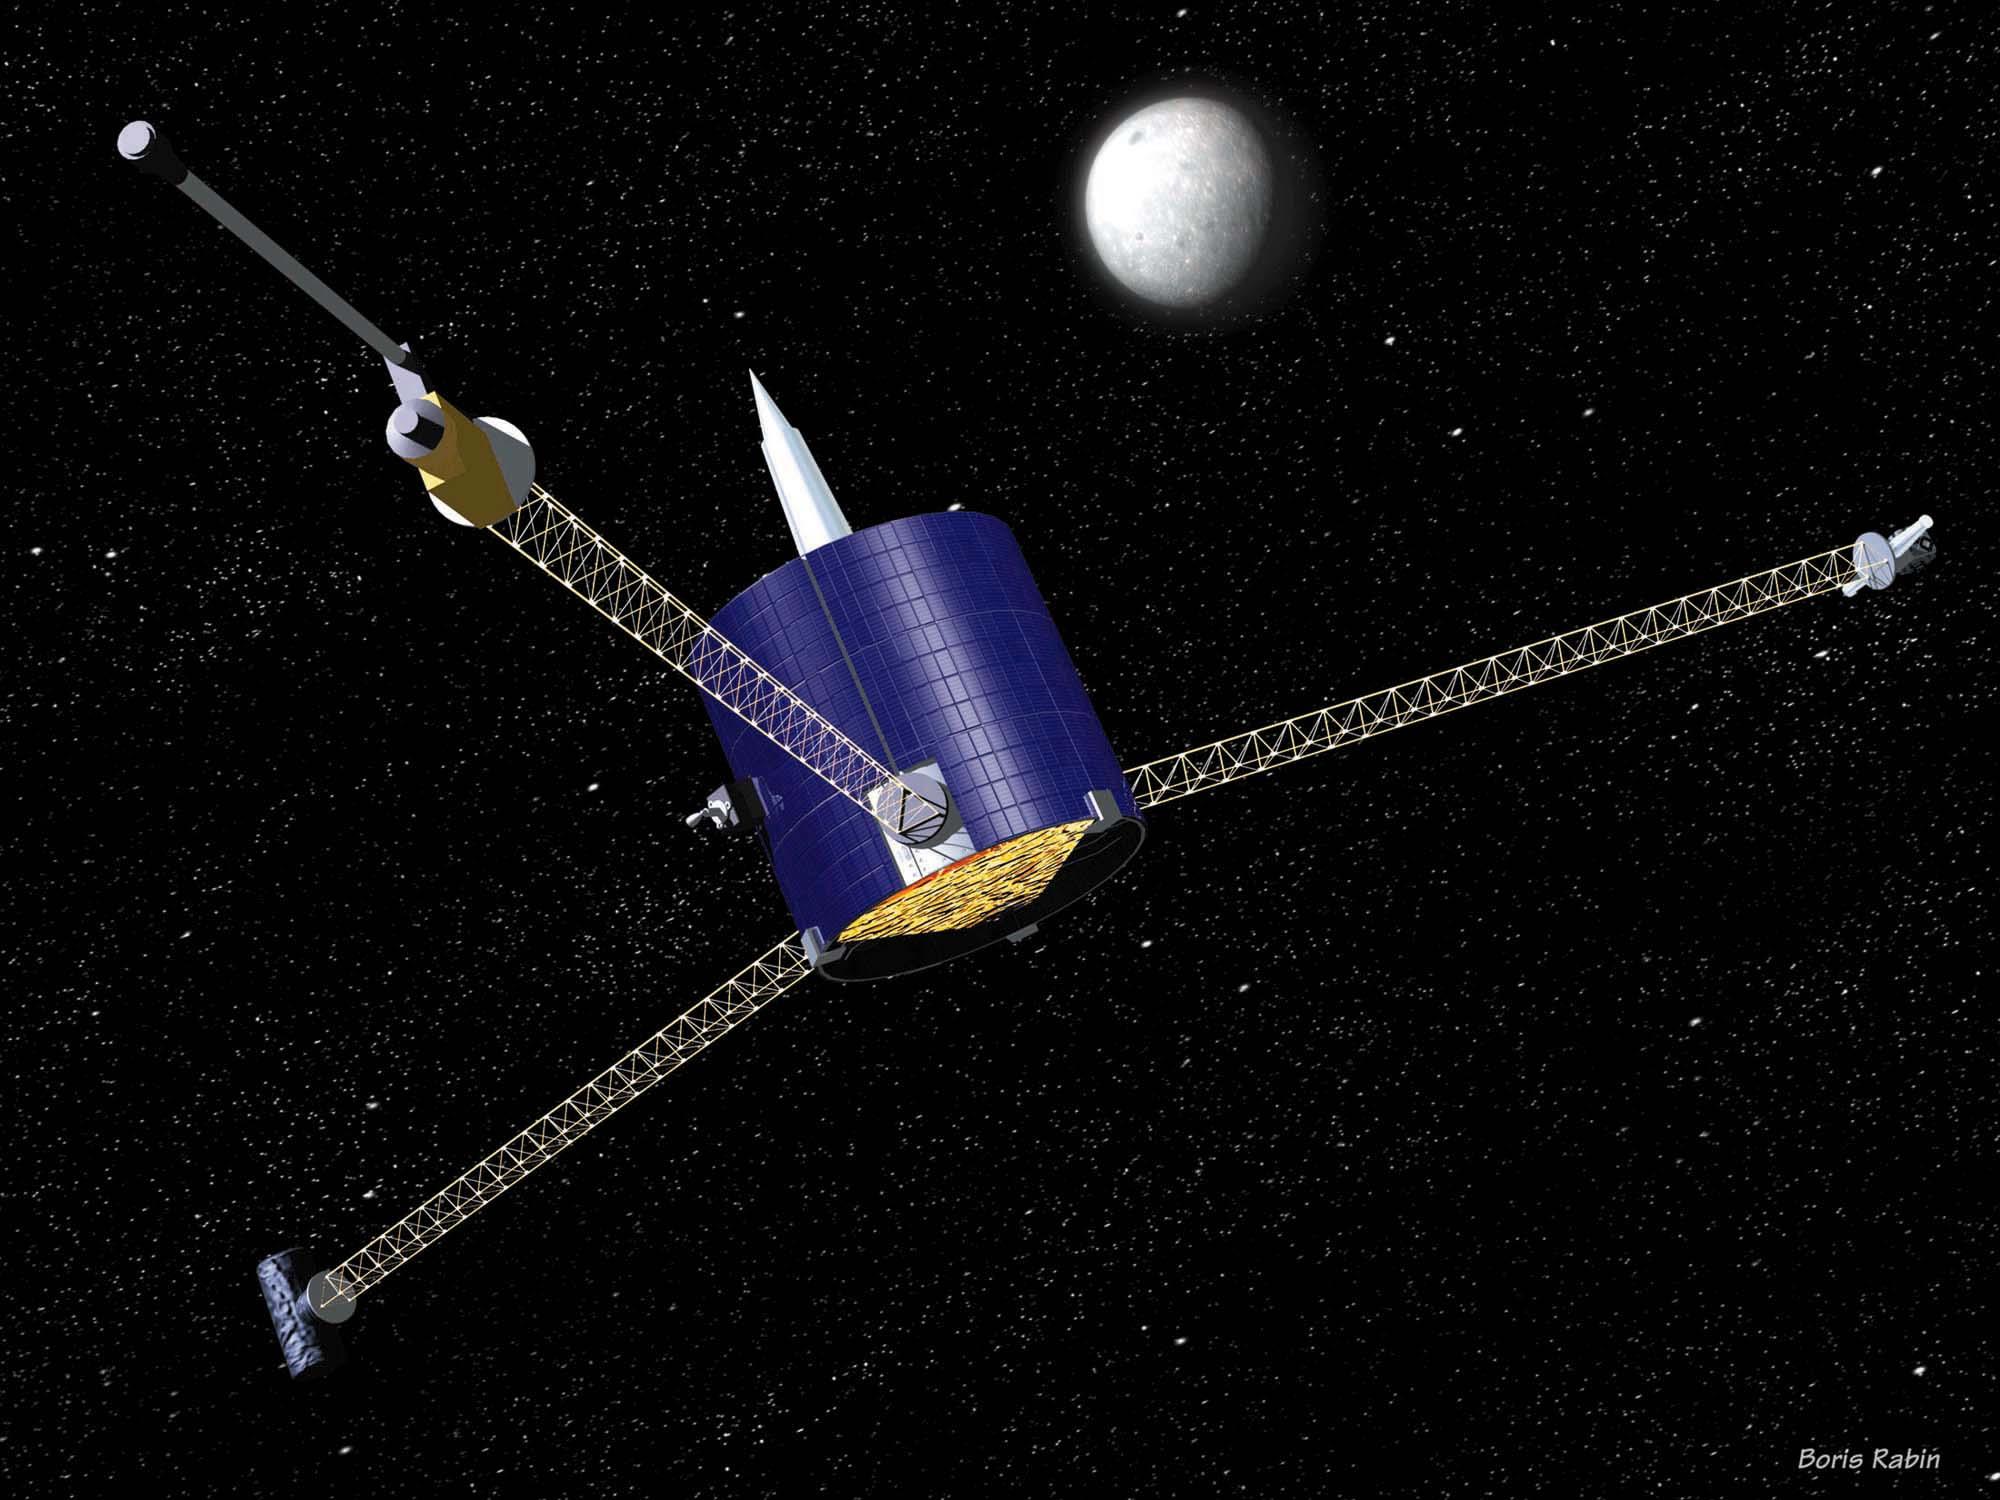 lunar prospector spacecraft - photo #7